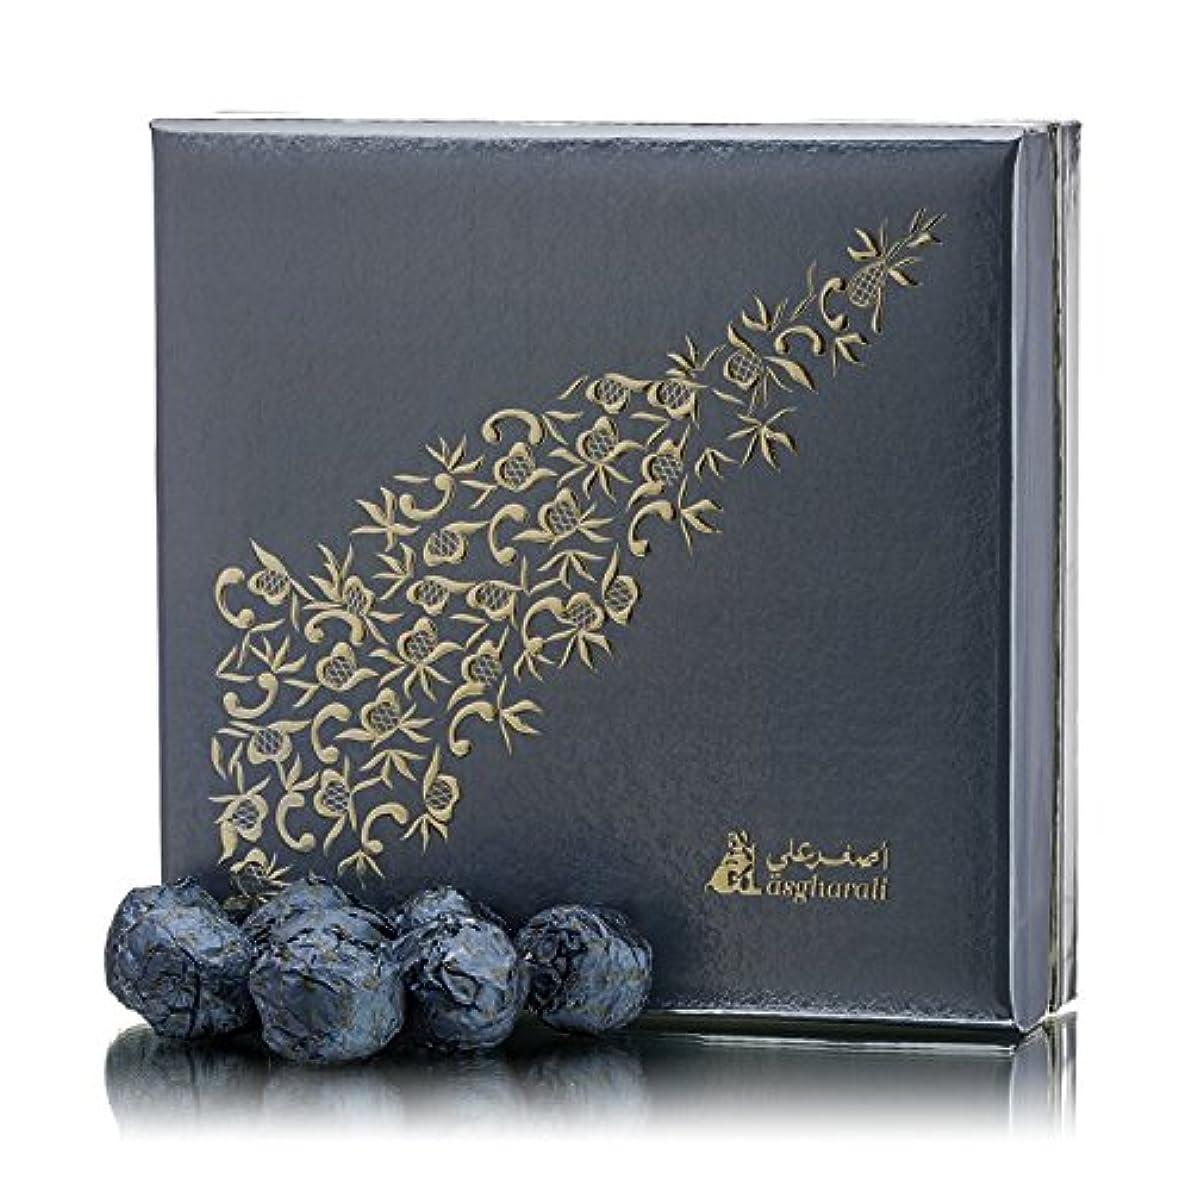 電話に出るすばらしいですブラウザAsgharali debaaj mustabaraq 300ミリグラム – Shay Oud、花柄、Woody、Oriental Incense Limited Edition Bakhoor